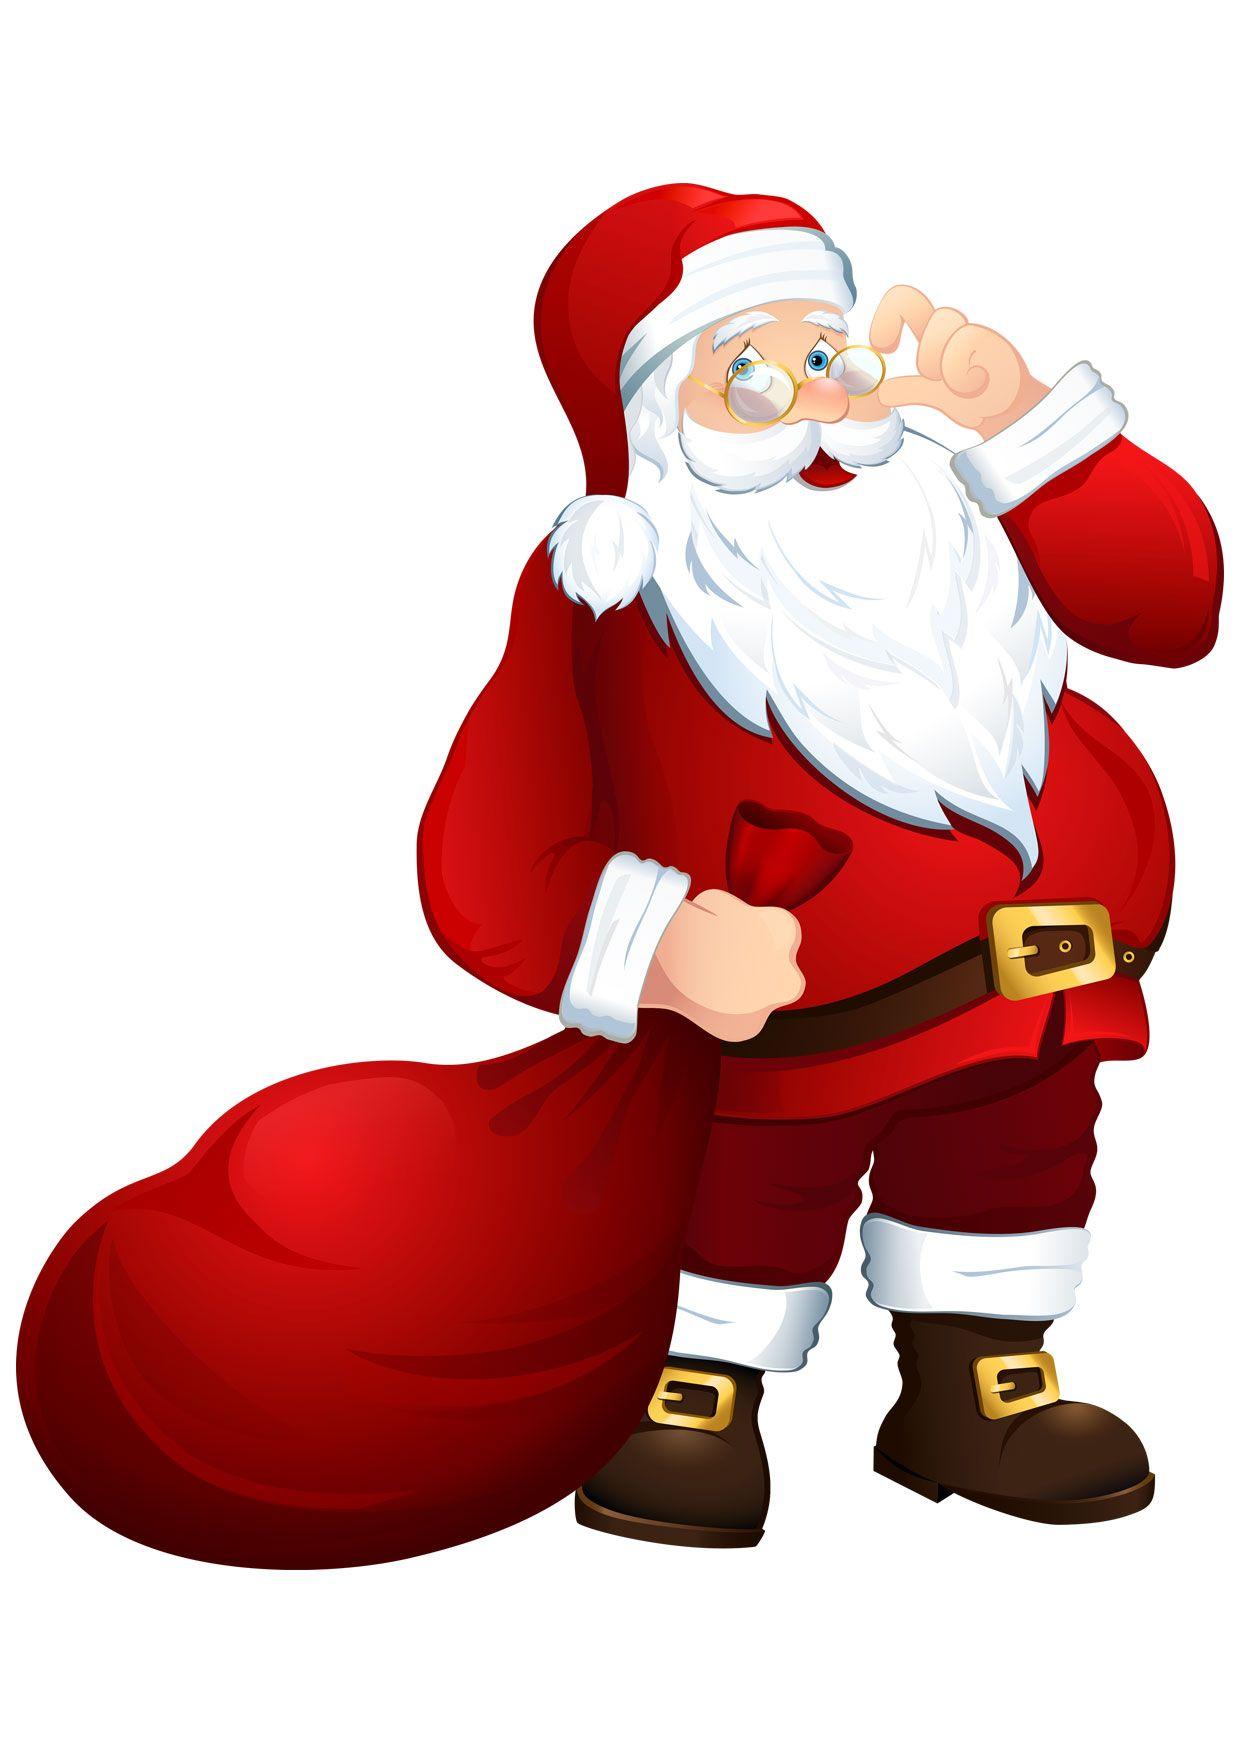 Immagini Colorate Di Babbo Natale.30 Disegni Di Babbo Natale Gia Colorati Da Stampare Babbo Natale Natale Disegni